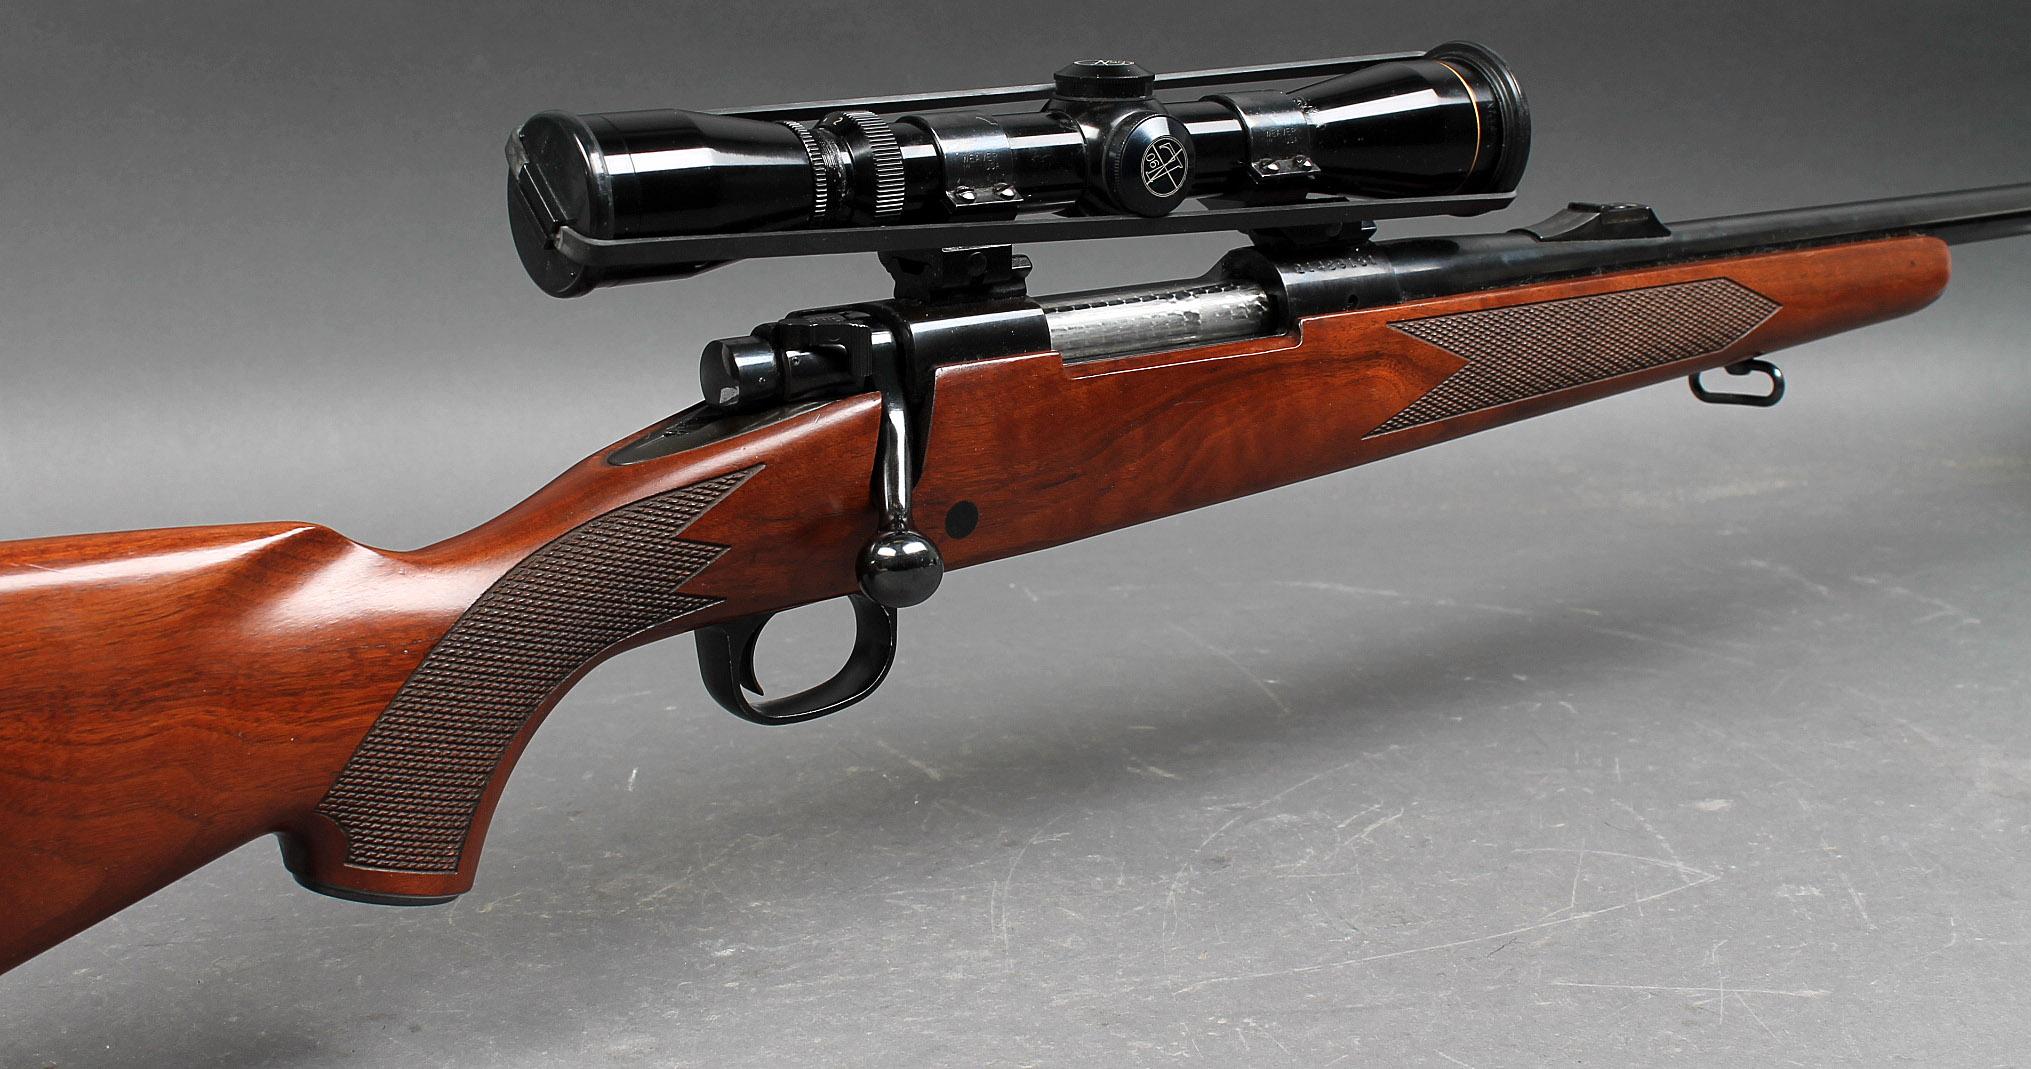 Jagtriffel Winchester Model 70 XTRa i kaliber .30-06 (7,62x63mm) med Leupold sigtekikkert - Våbennummer G1489151. Fremstår velholdt. Winchester Jagtriffel Model 70 XTRa, i kaliber .30-06 (7,62x63mm) og med Leupold 2-7x36 sigtekikkert med coatede linser og trådkors. Fast montage, korn og kærv derfor afmonteret. Cylinderlås med fast...